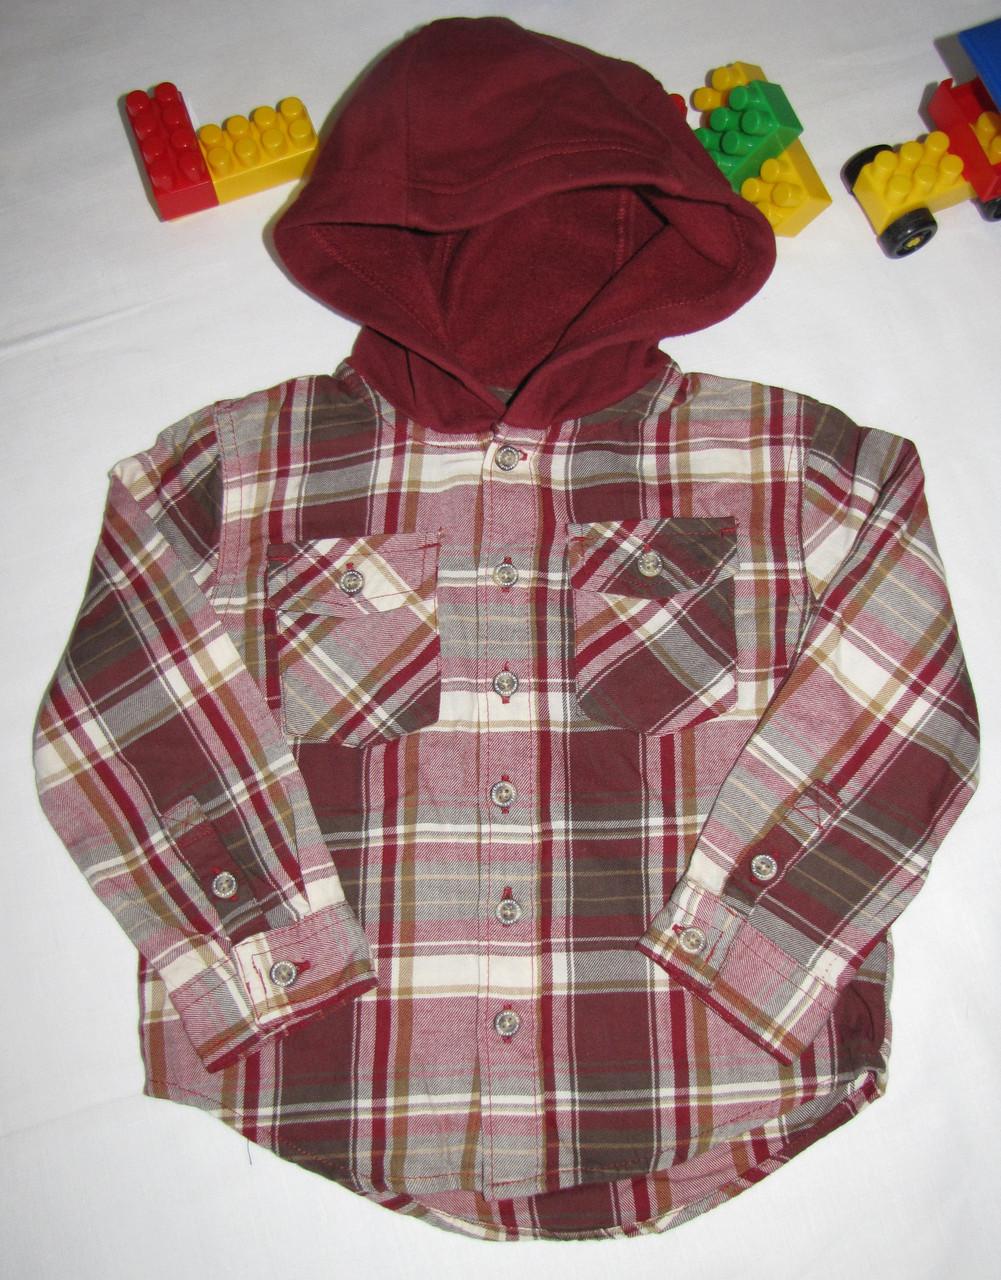 Рубашка с капюшоном Wonder Kids оригинал рост 98 см красная 07048